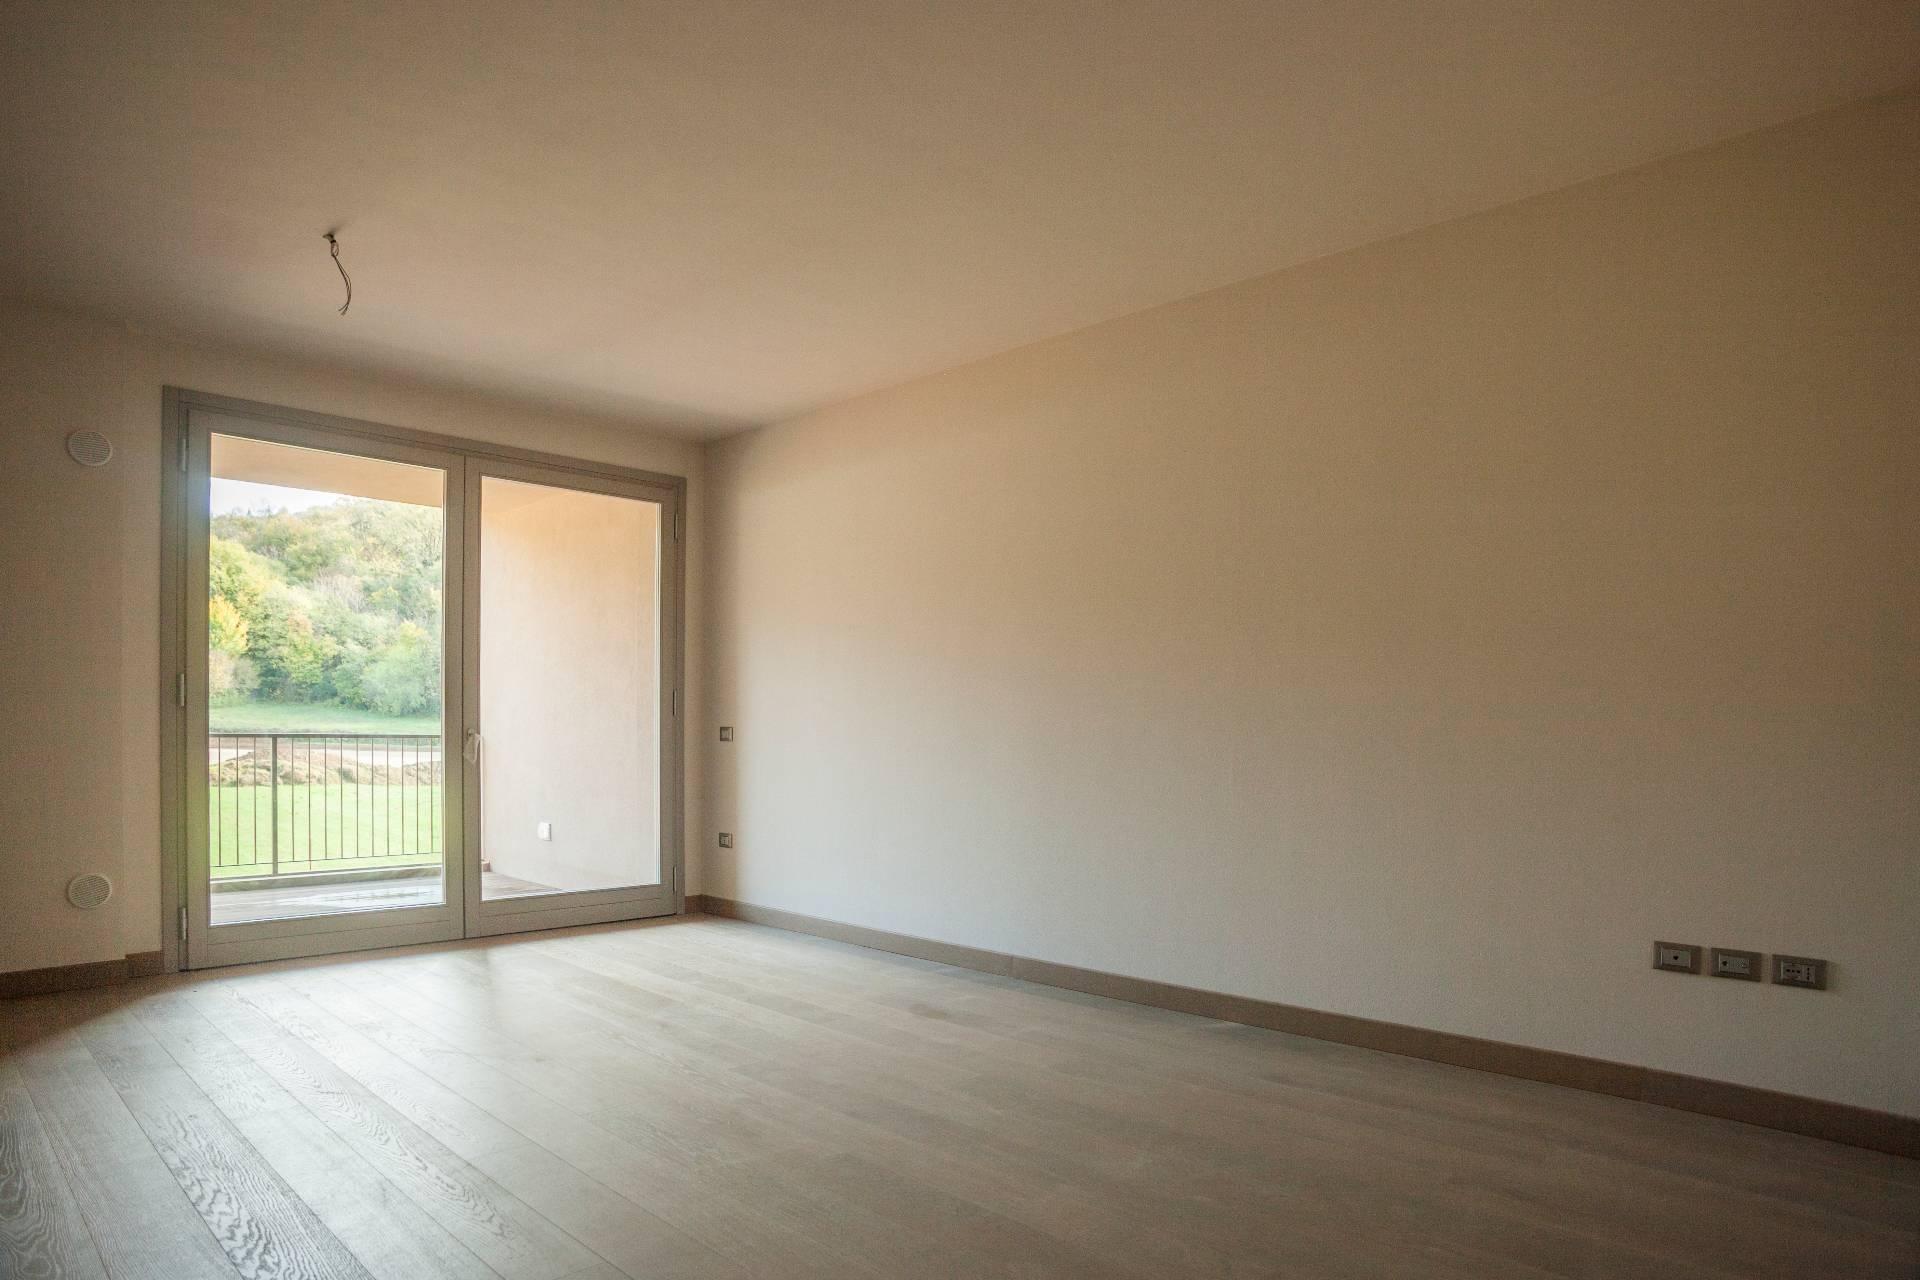 Appartamento in affitto a Verona, 5 locali, zona Zona: 5 . Quinzano - Pindemonte - Ponte Crencano - Valdonega - Avesa , prezzo € 1.250   CambioCasa.it